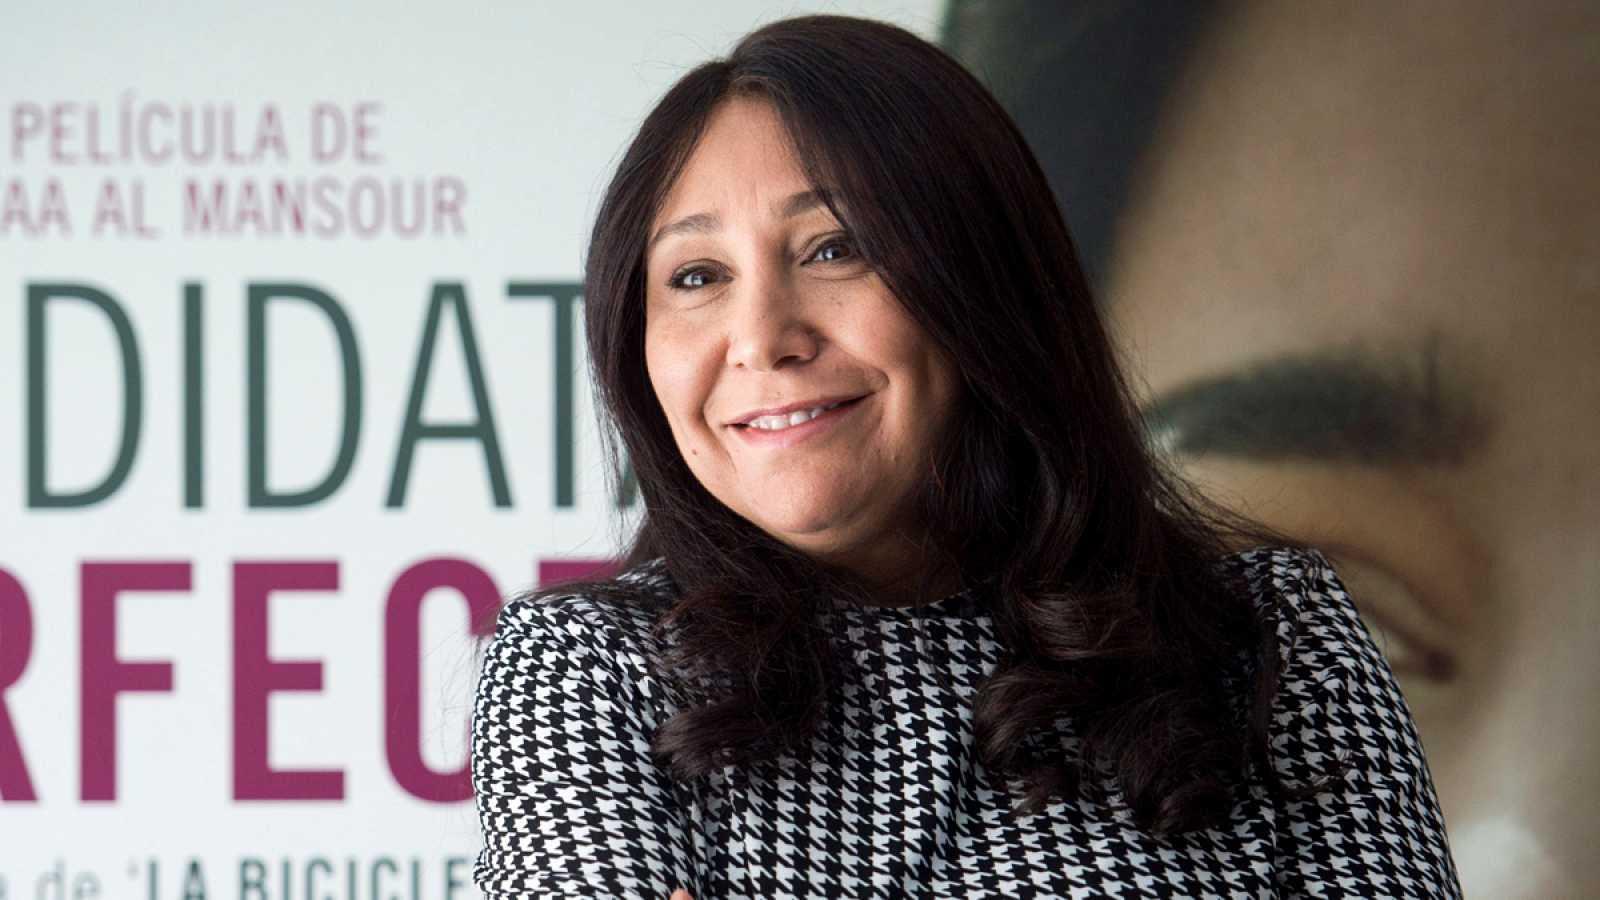 La directora Haiffa Al Mansour refleja los avances en los derechos de la mujer, en Arabi Saudí, en su nueva película